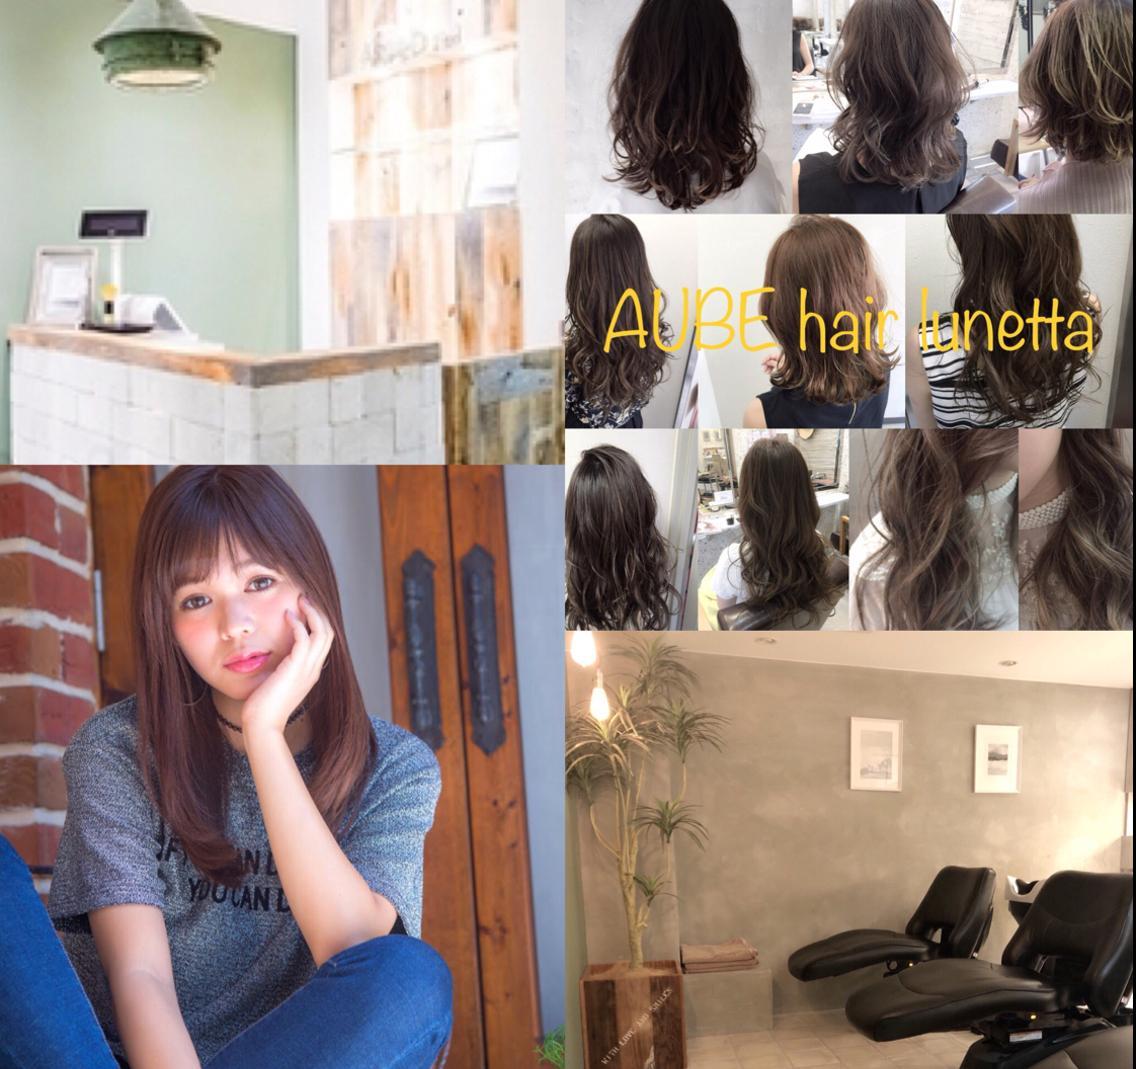 AUBE HAIR lunetta 新宿店所属・香村歩の掲載